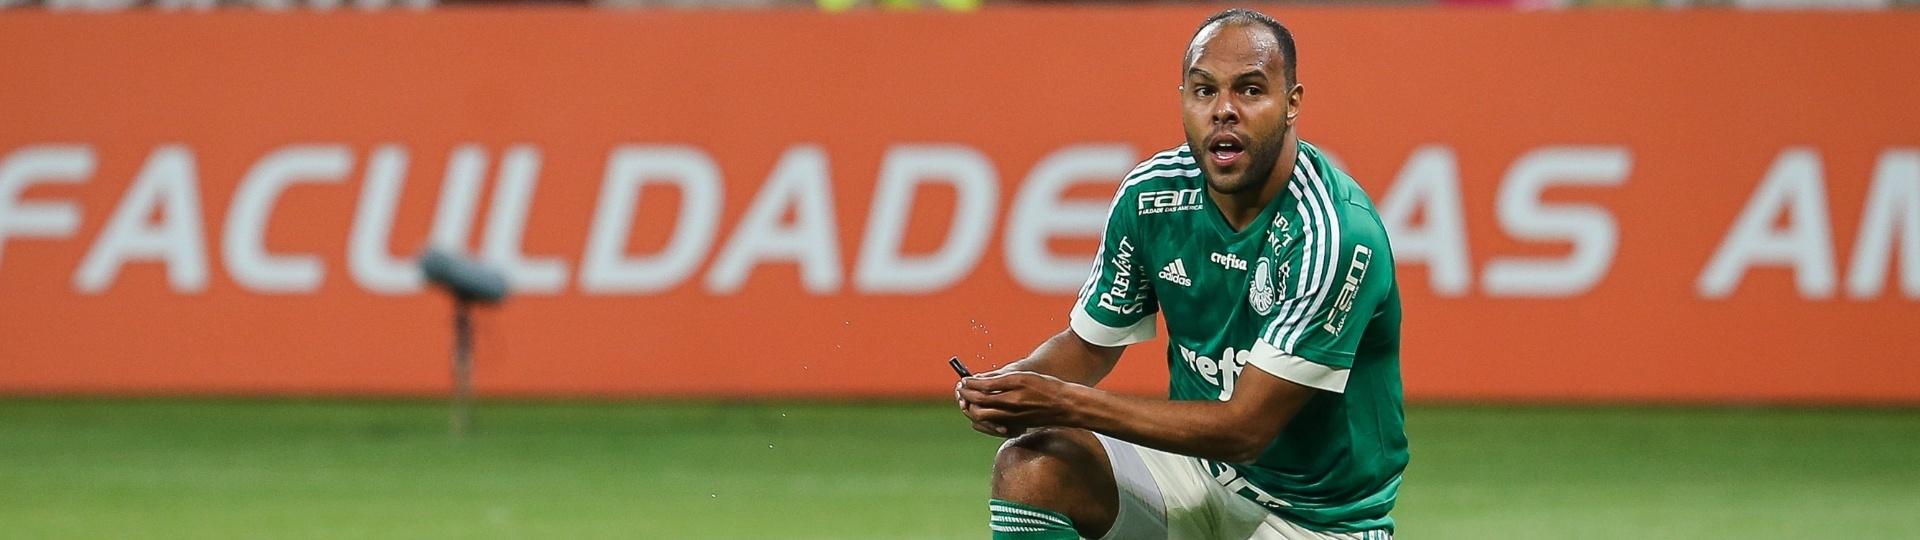 Alecsandro fica ajoelhado após desperdiçar lance para o Palmeiras contra a Ponte Preta pelo Campeonato Brasileiro